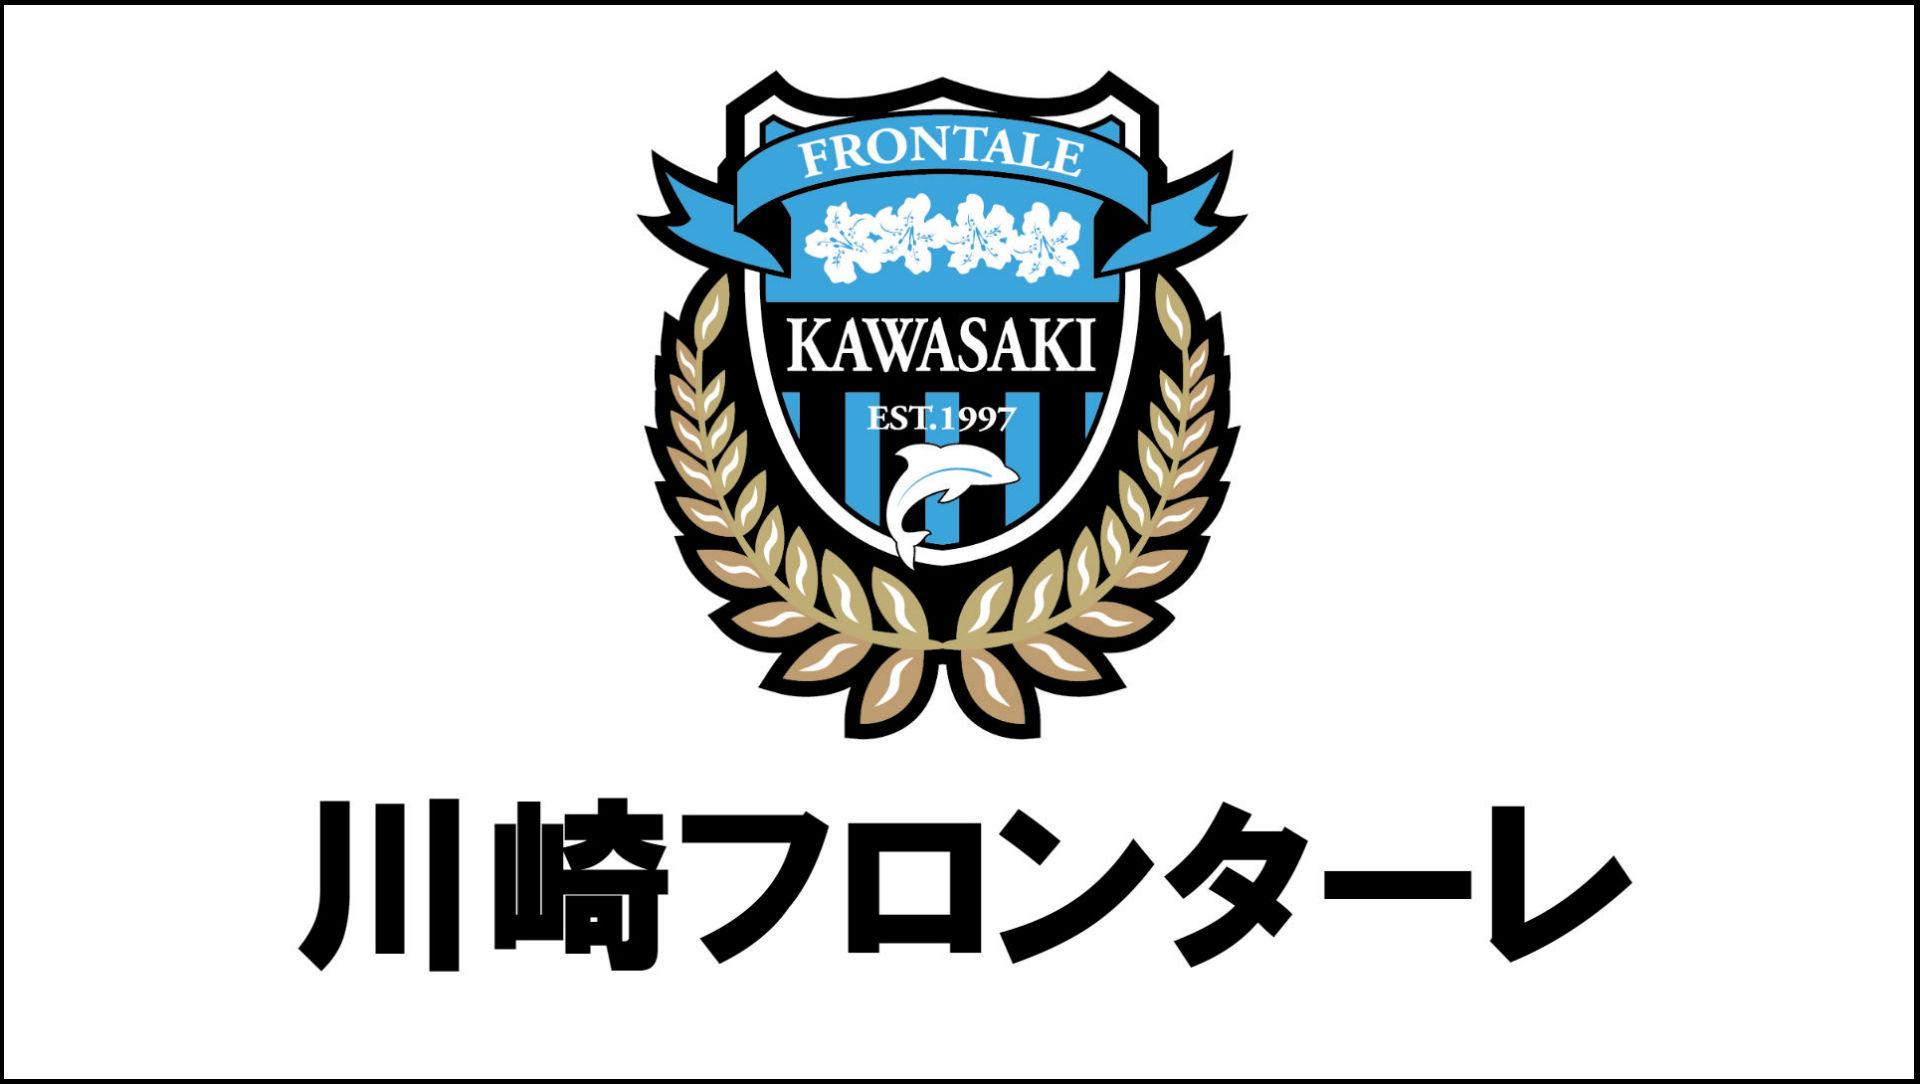 川崎フロンターレ.jpg